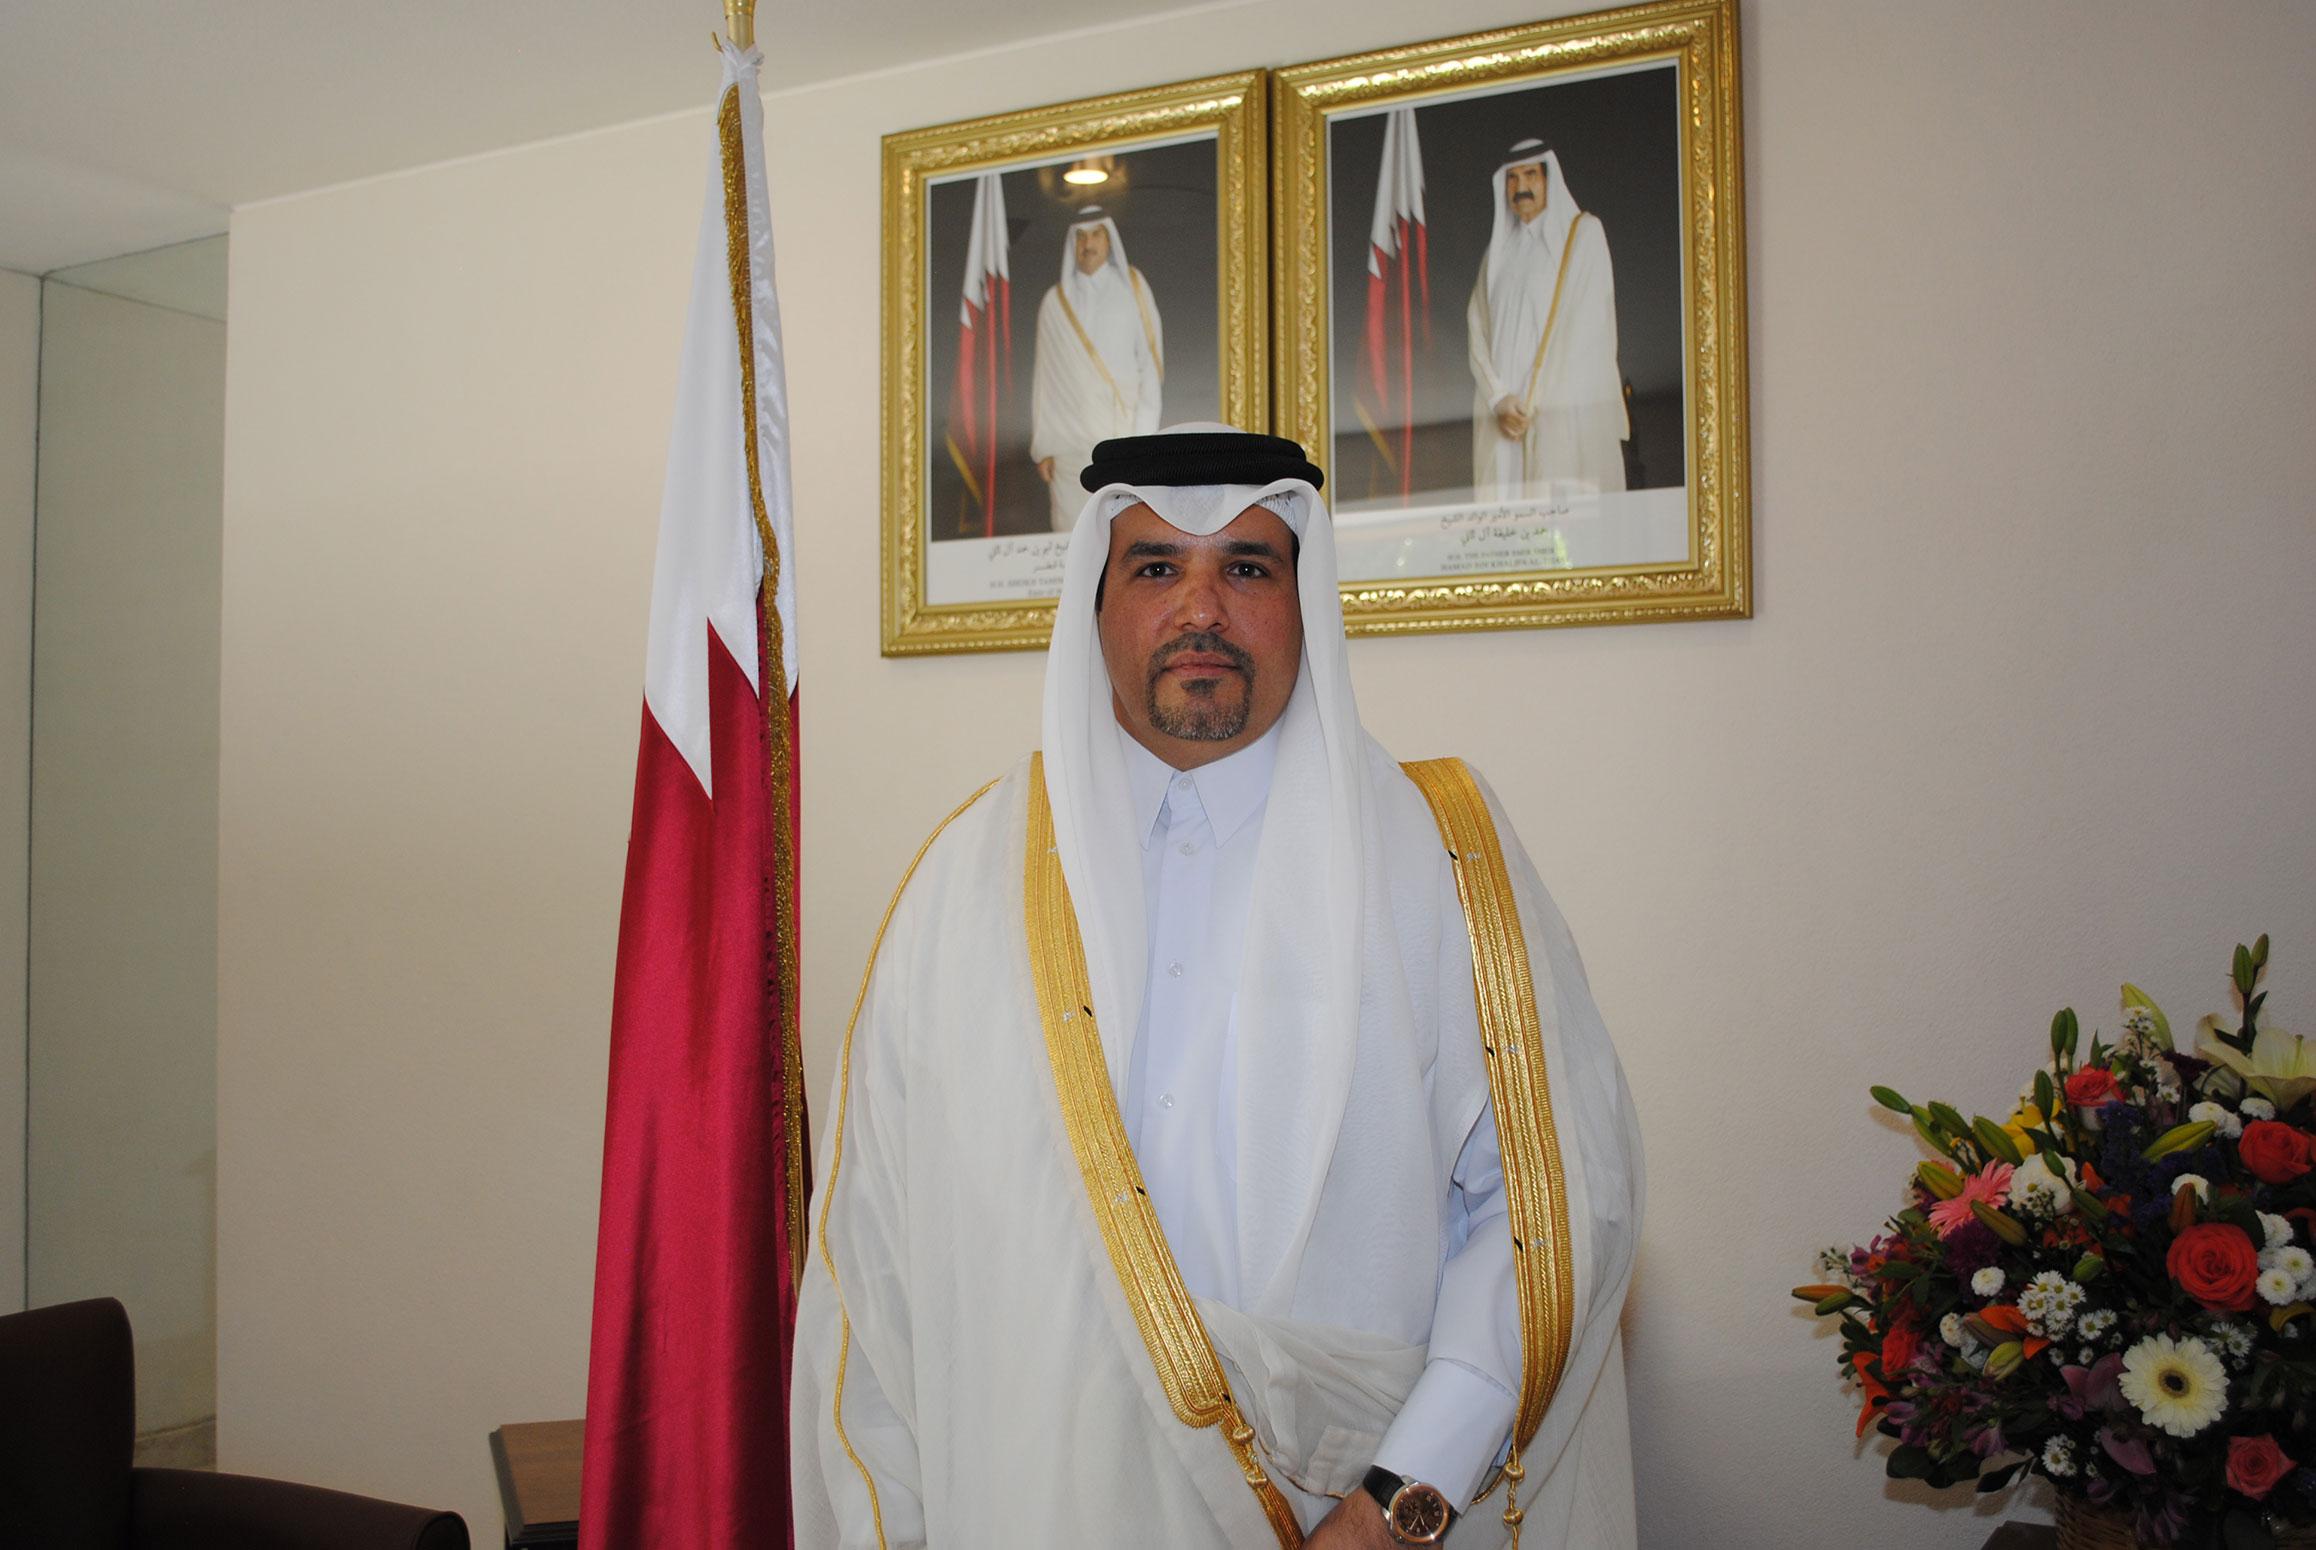 Ahmed Abdulla A. A. Al-Kuwari, embajador de Qatar, se encargó de recibir a los invitados en la nueva embajada catarí en México